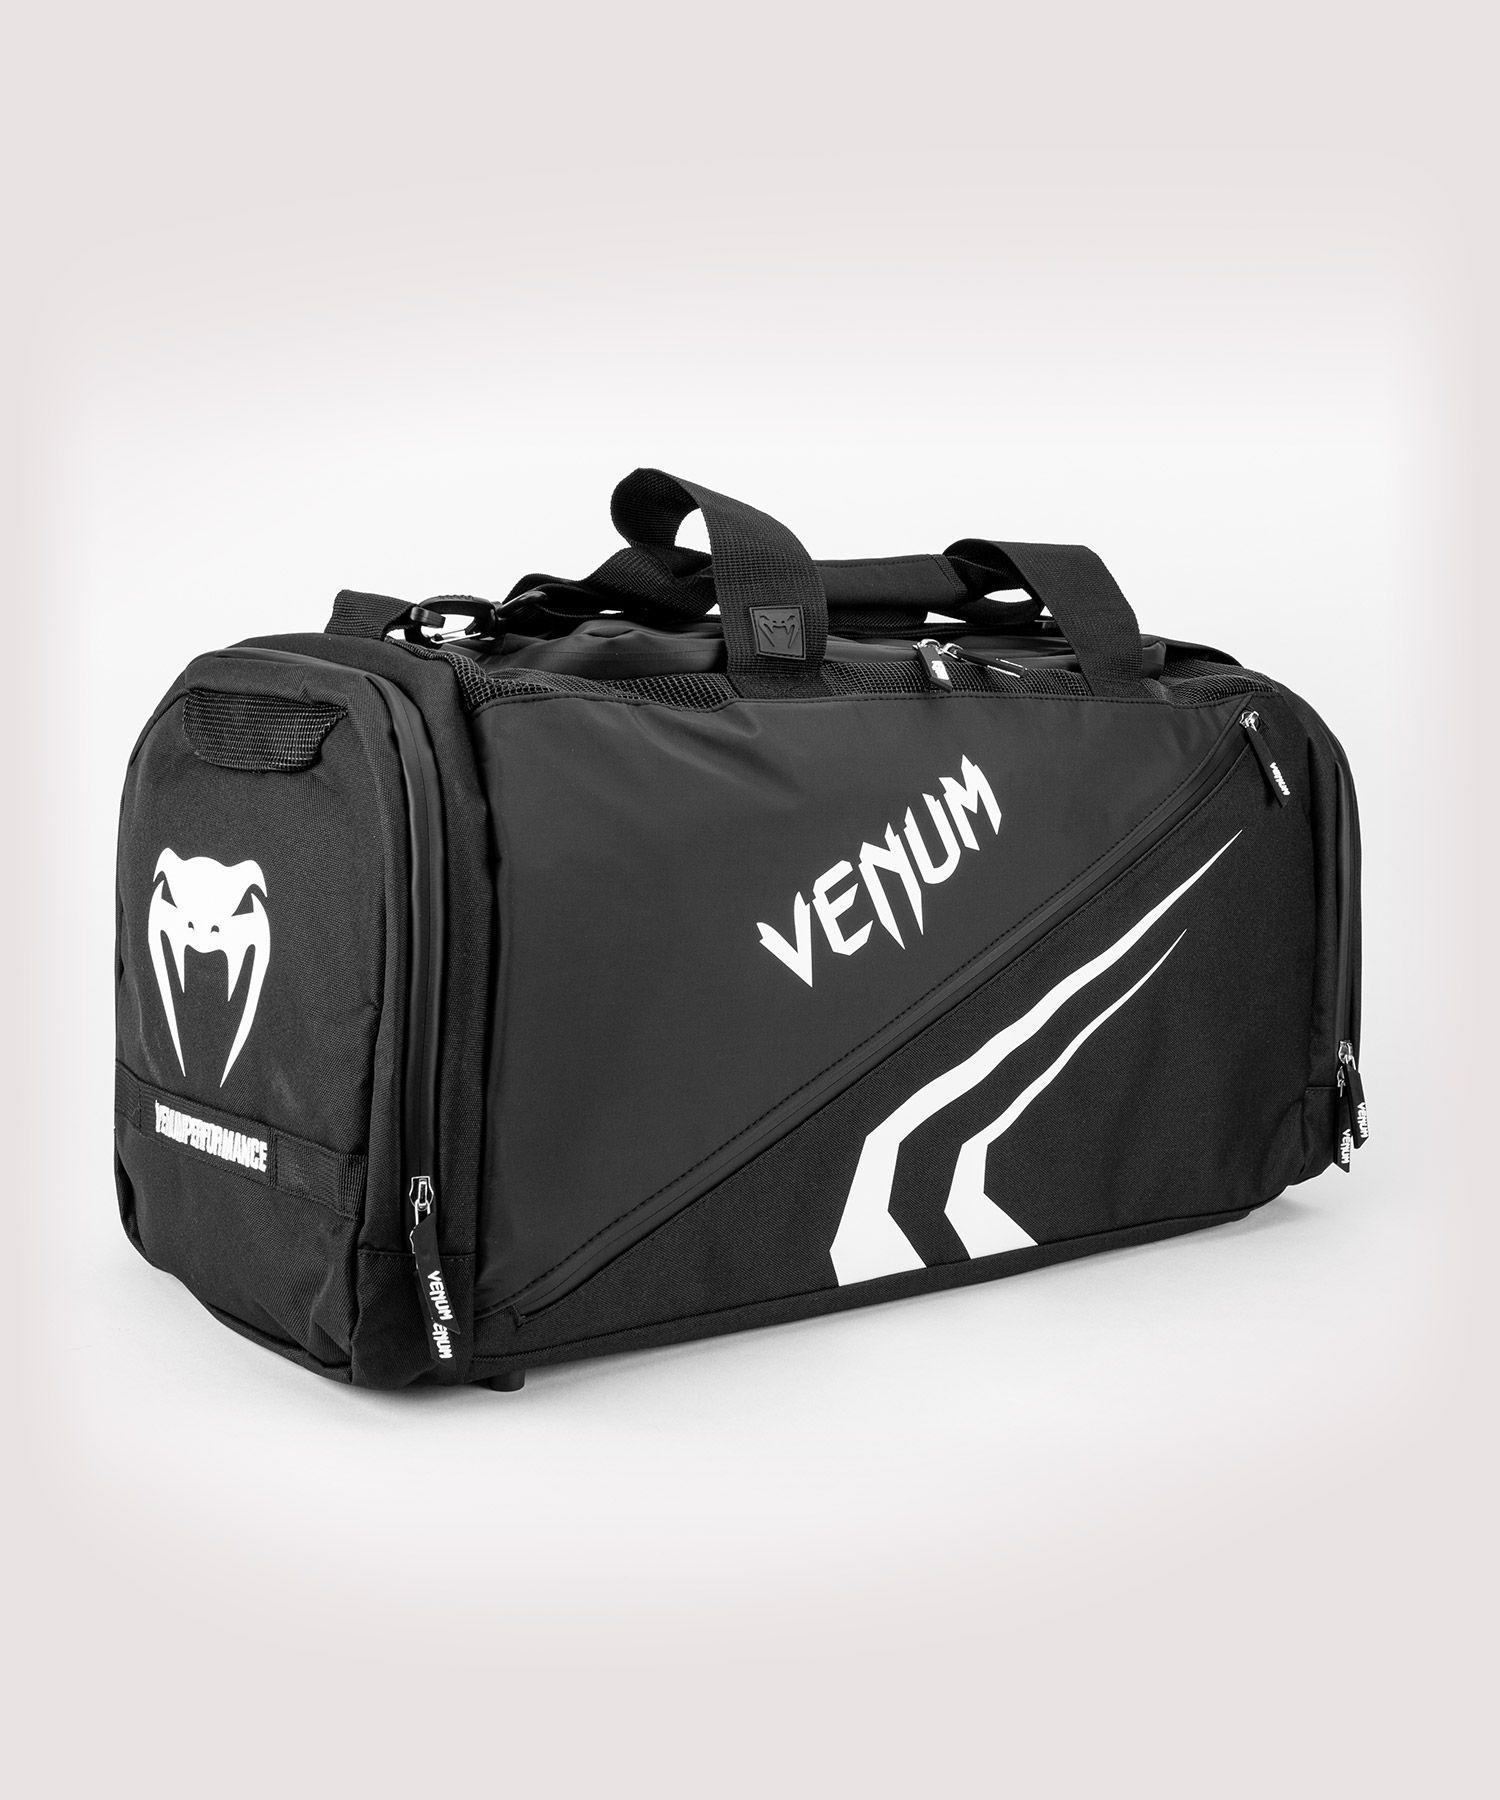 Sac de sport trainer lite Venum Noir et Blanc